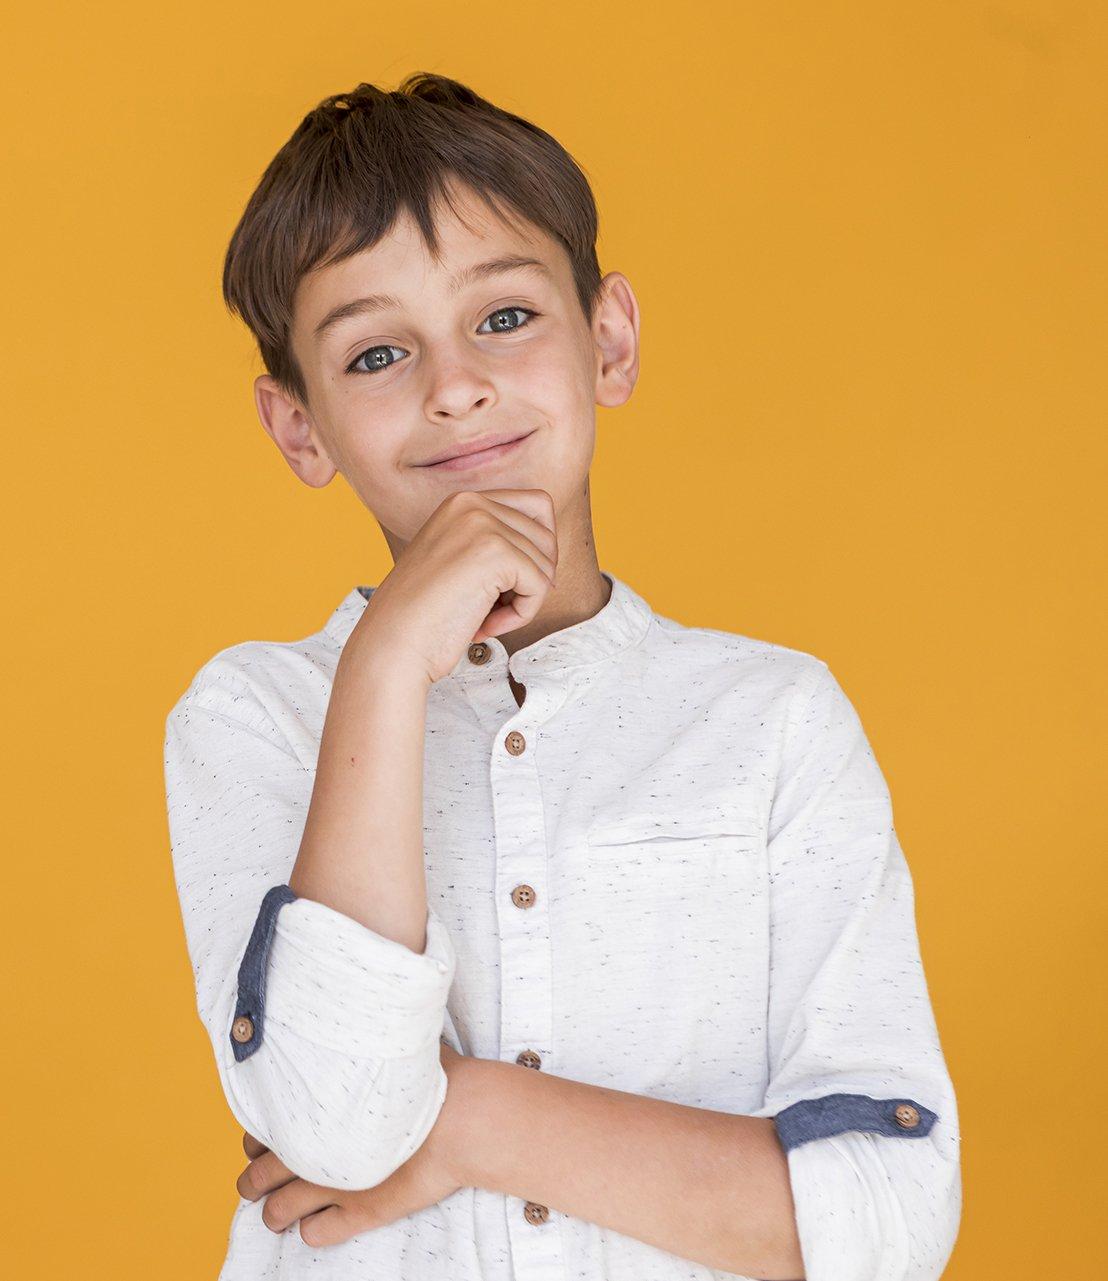 Smiling Boy | KYDS | Kilnaleck Youth Drama Society | Alice Lynch